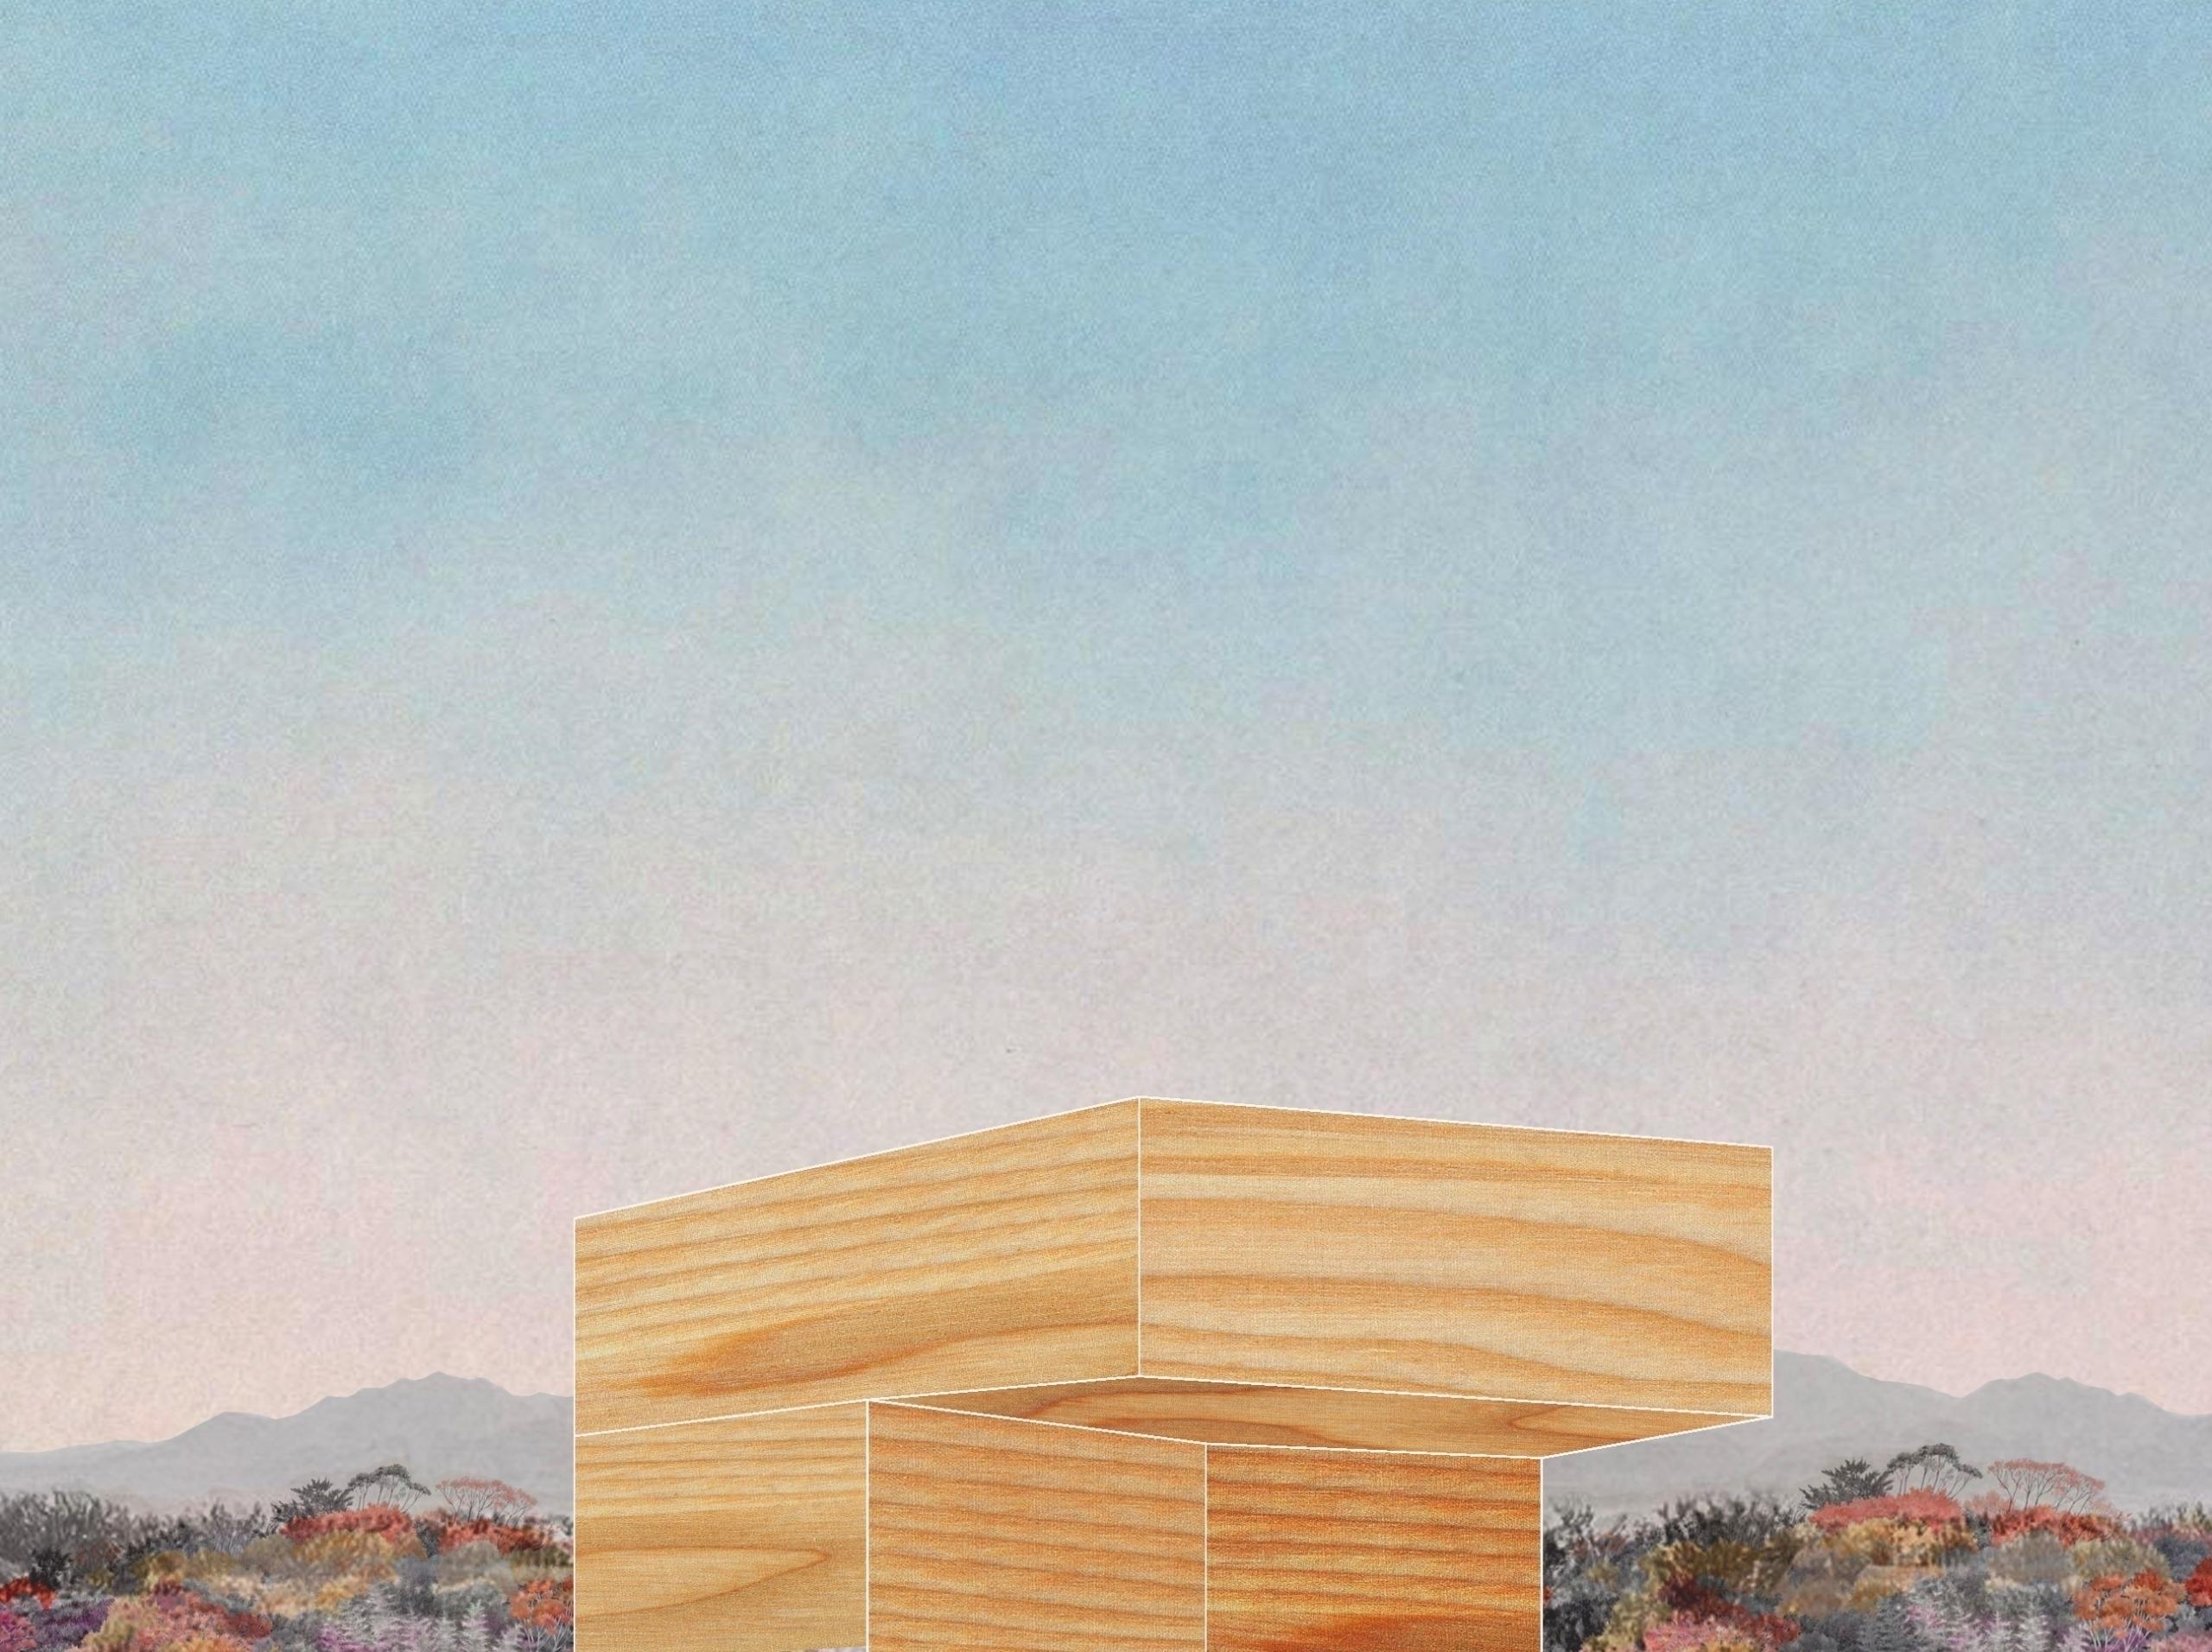 Collage  - architecturevisualization - miguetano   ello